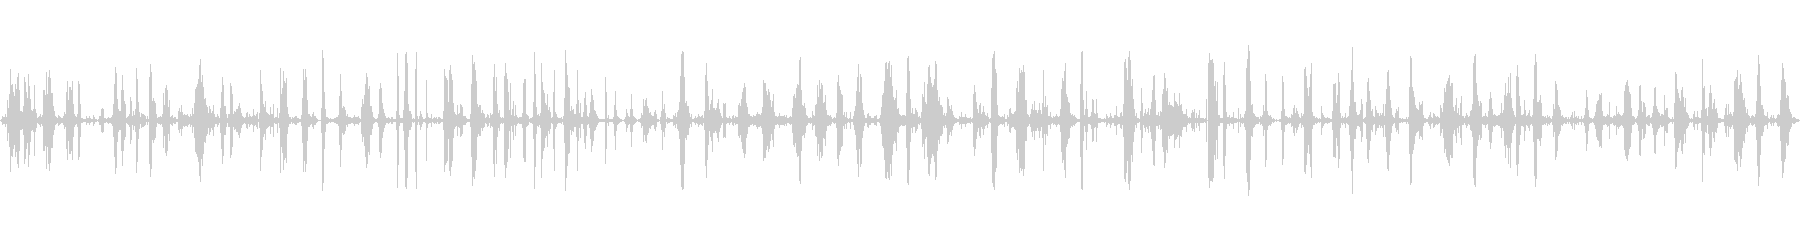 【生録音】枯葉を足で踏み鳴らす音の未再生の波形